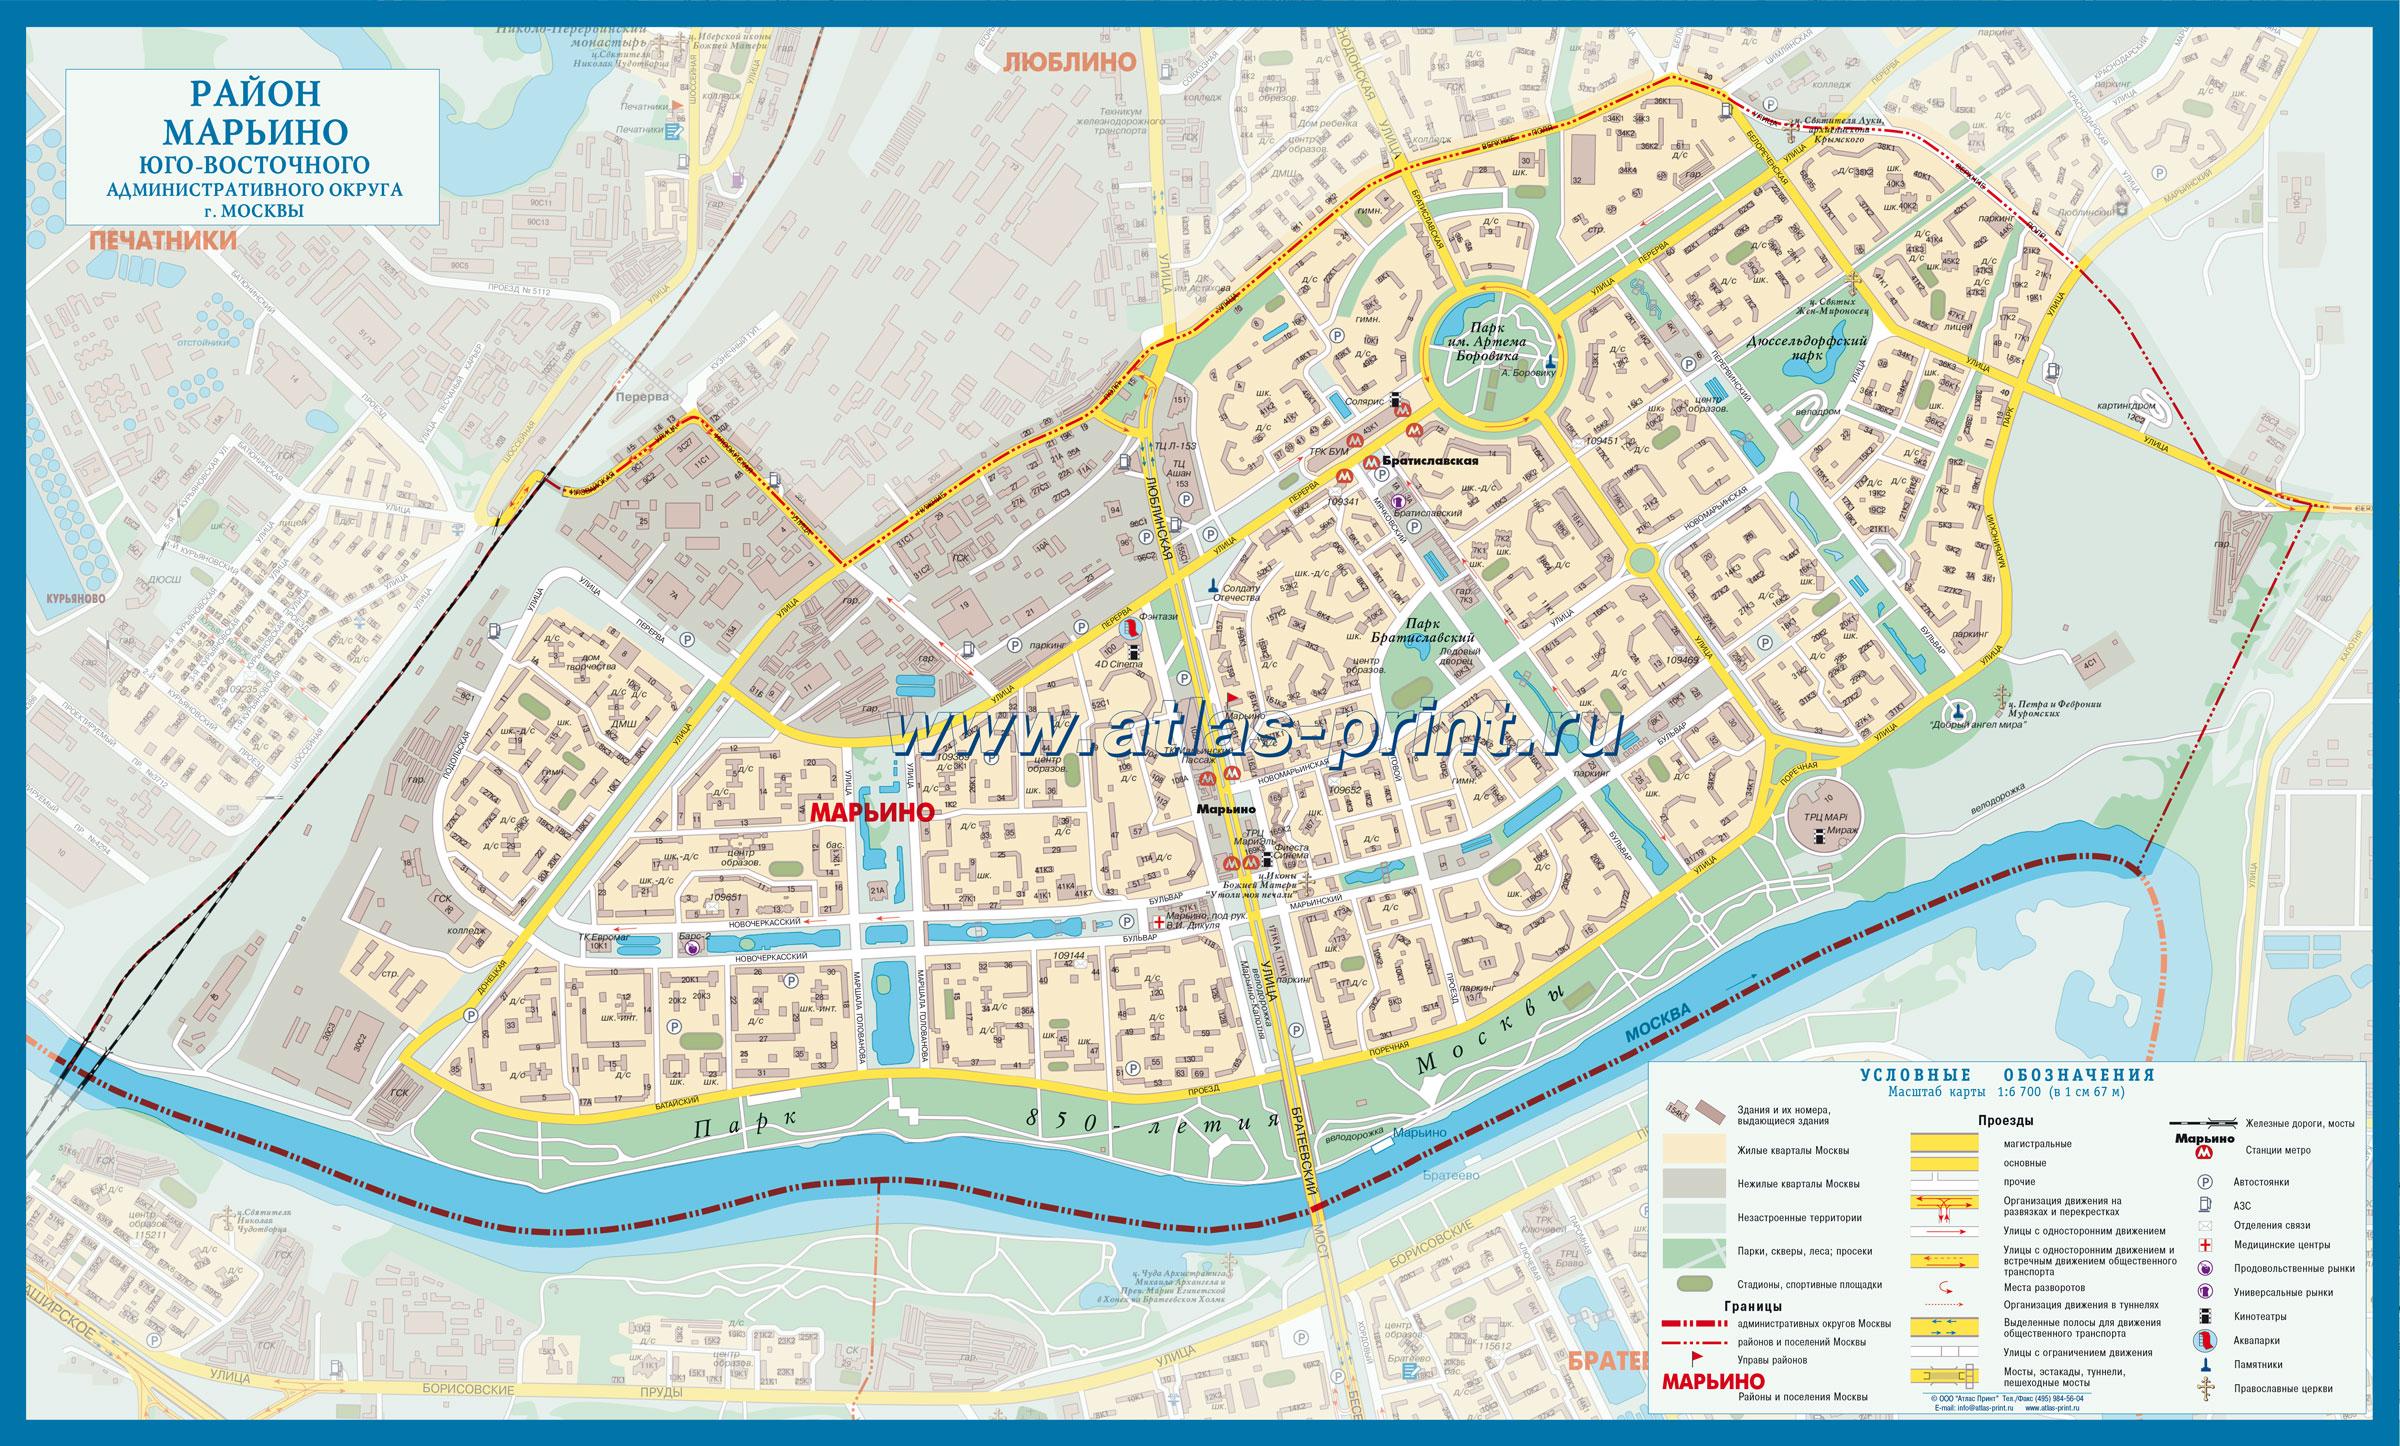 Настенная карта района МАРЬИНО (ЮВАО)  г. Москвы 1,00*0,60 м, ламинированная